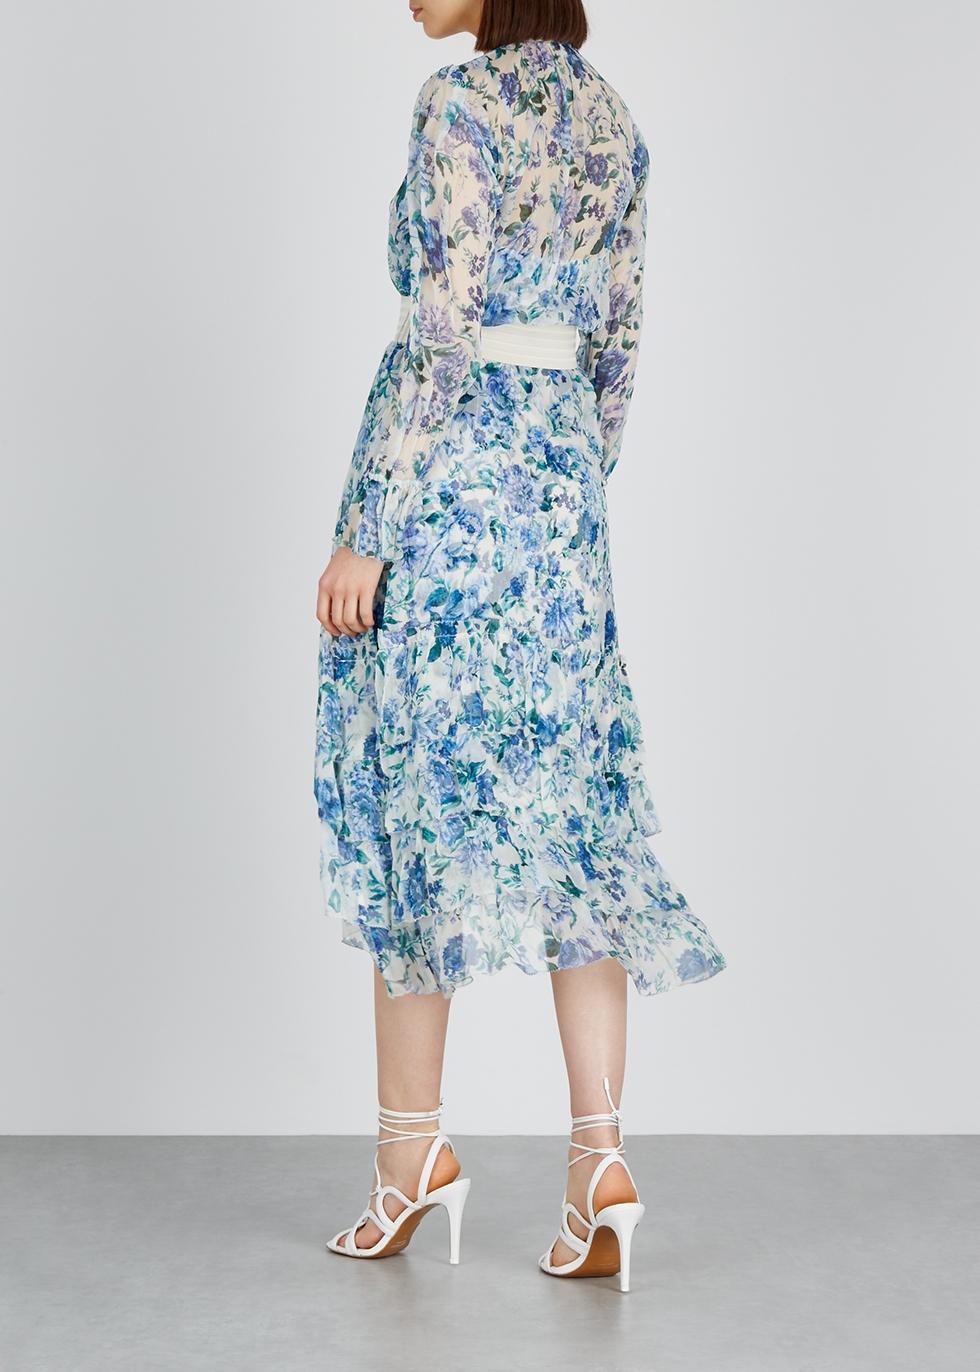 Moncur Chevron printed silk-chiffon dress - Zimmermann